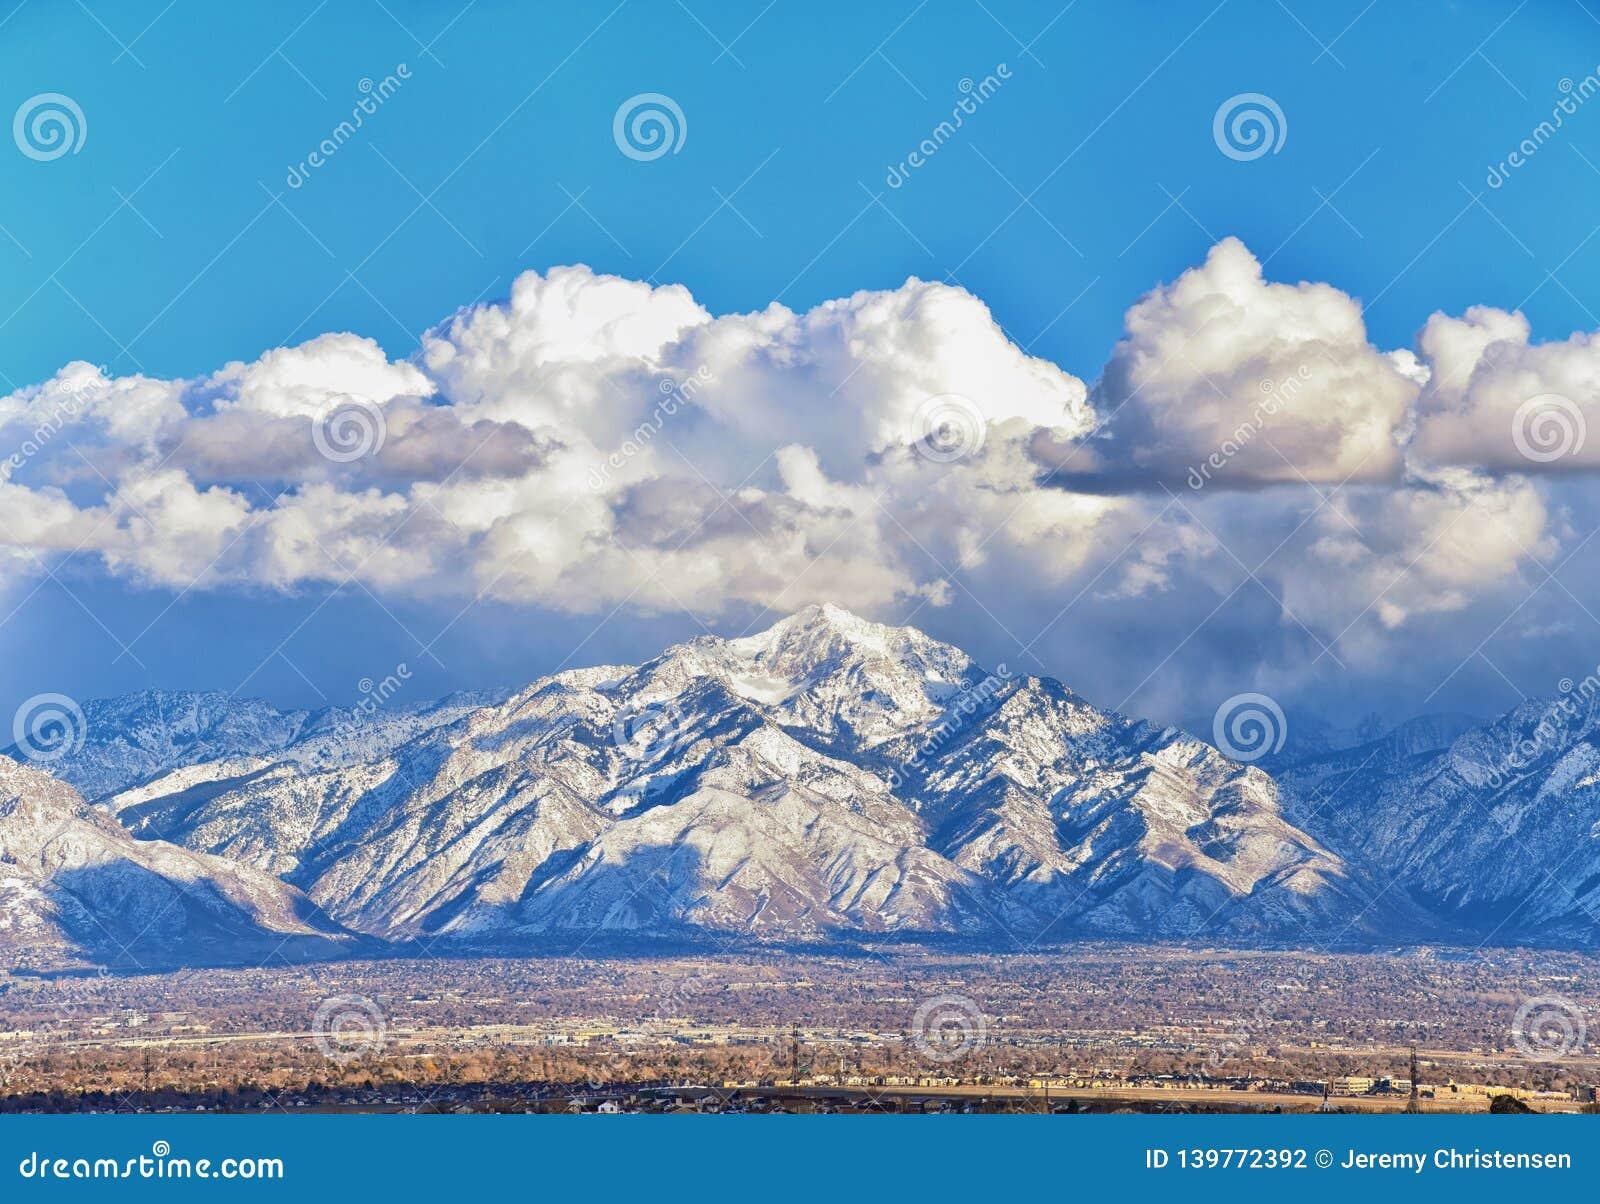 La opinión panorámica del invierno de la nieve capsuló Wasatch Front Rocky Mountains, valle de Great Salt Lake y Cloudscape de Ba